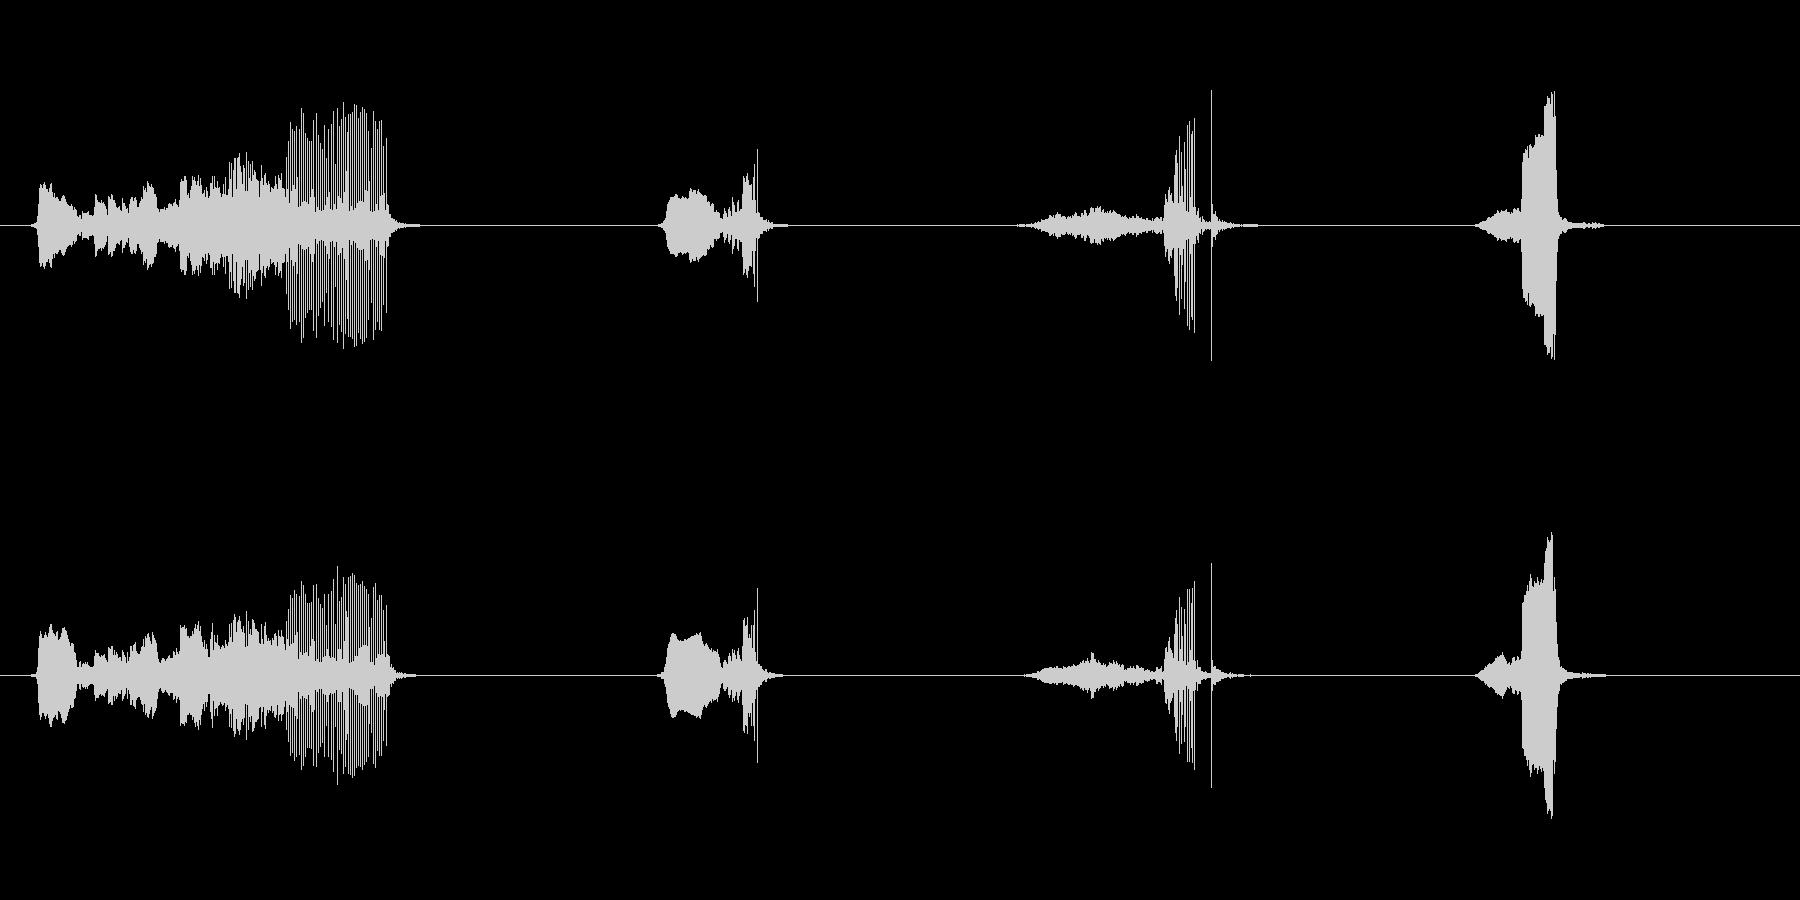 ドアウッドクリークシャープx4の未再生の波形